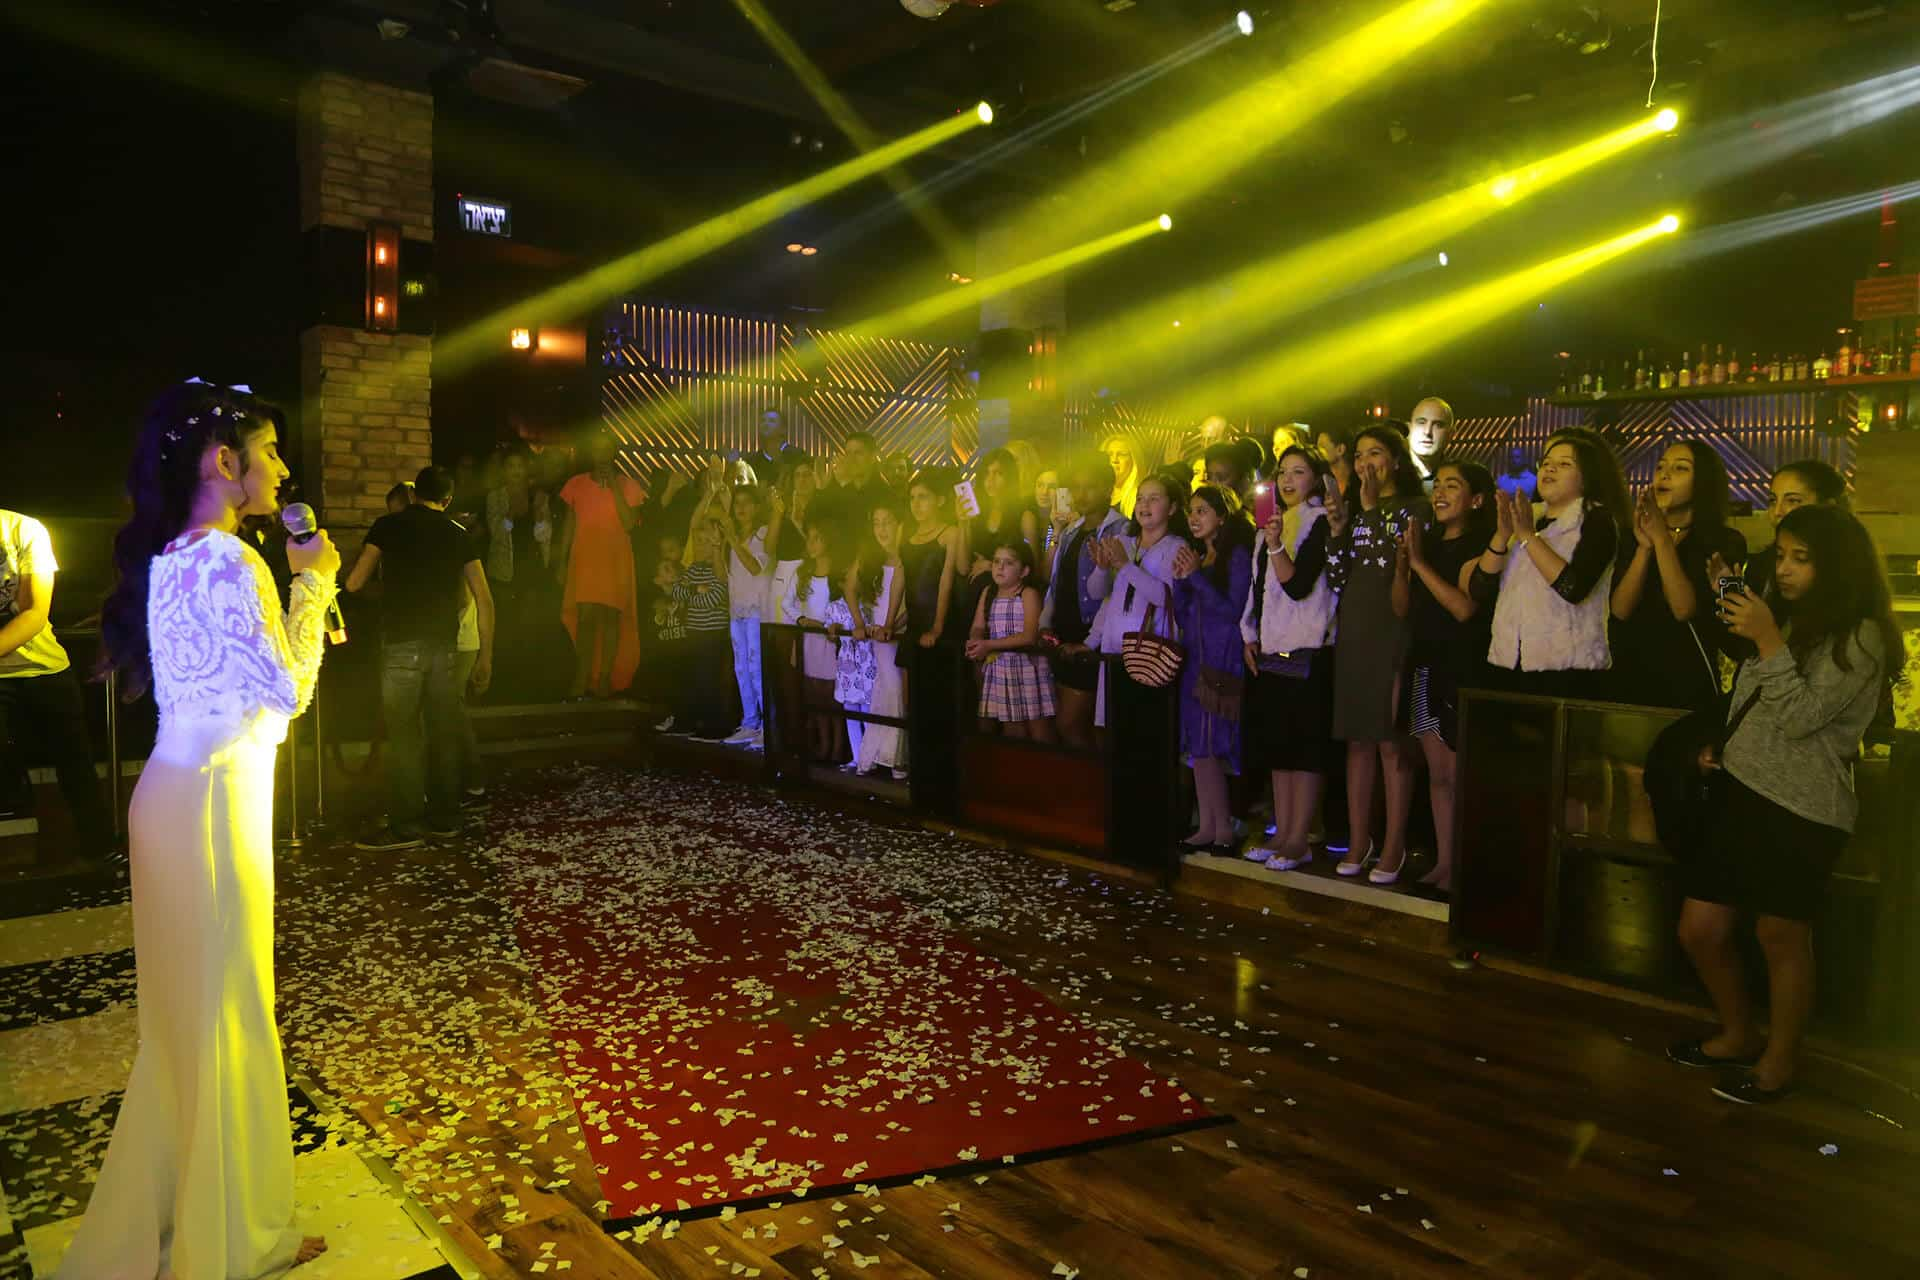 תמונה של ילדה שרה במועדון לבת מצווה קויה אמסטרדם